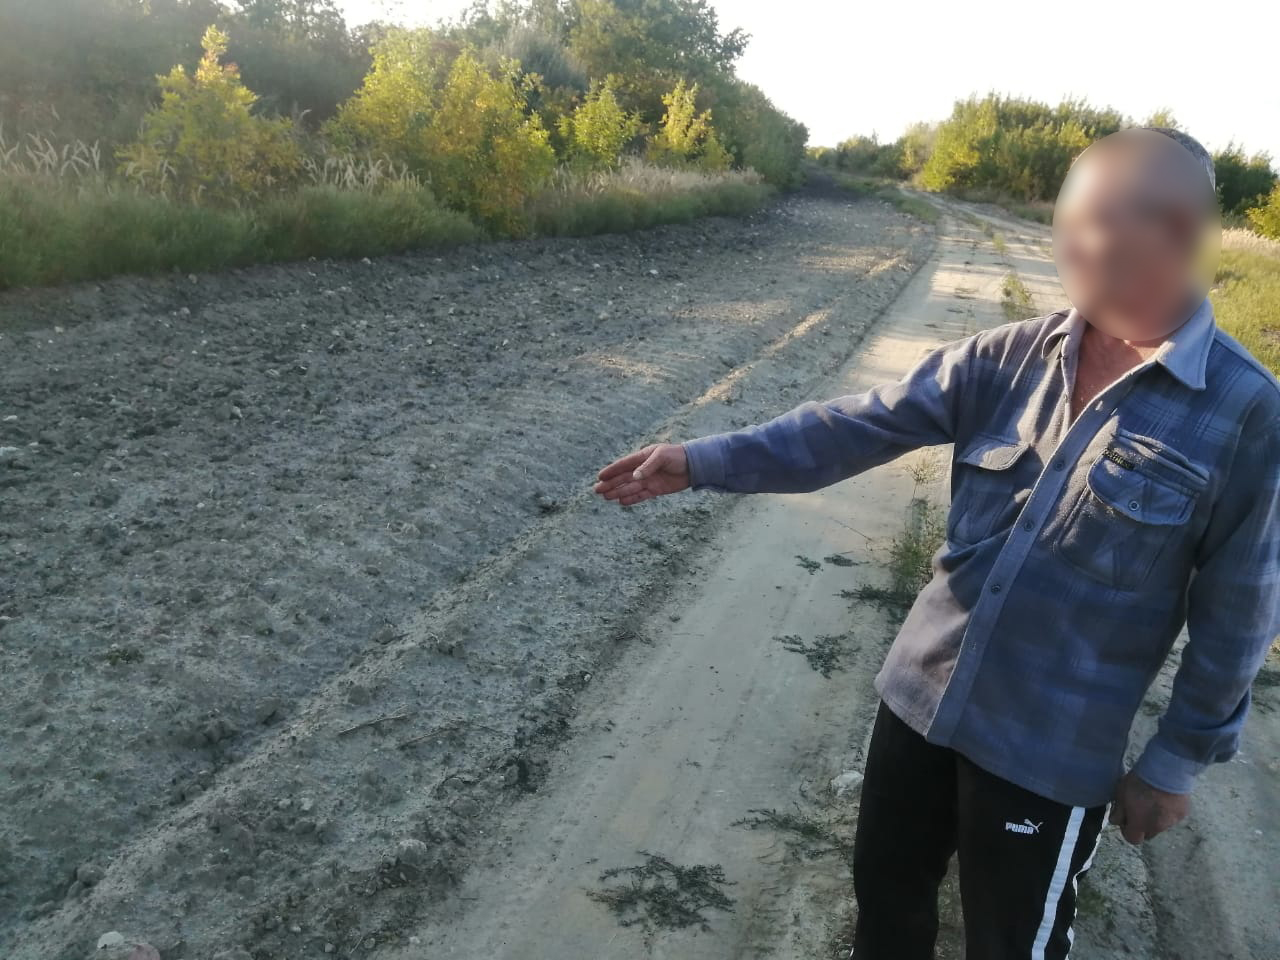 Гражданин Украины задержан при попытке незаконного пересечения госграницы